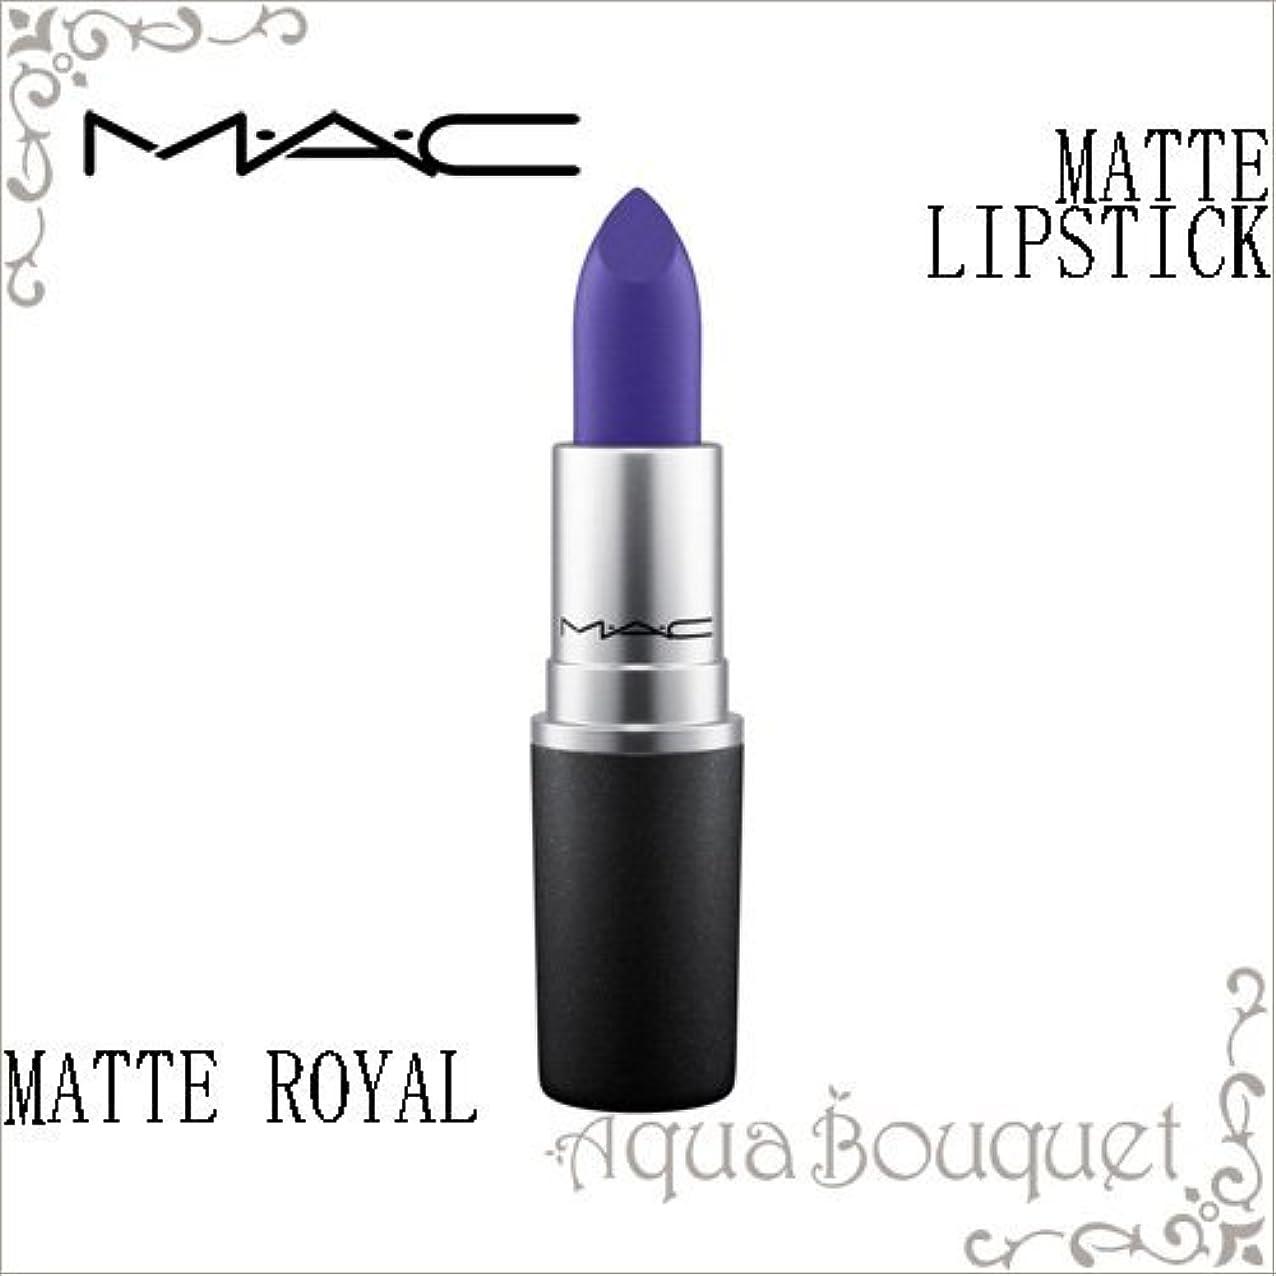 M?A?C THE MATTE LIP リップスティックマット #マット ロイヤル 3g [388028] [並行輸入品]